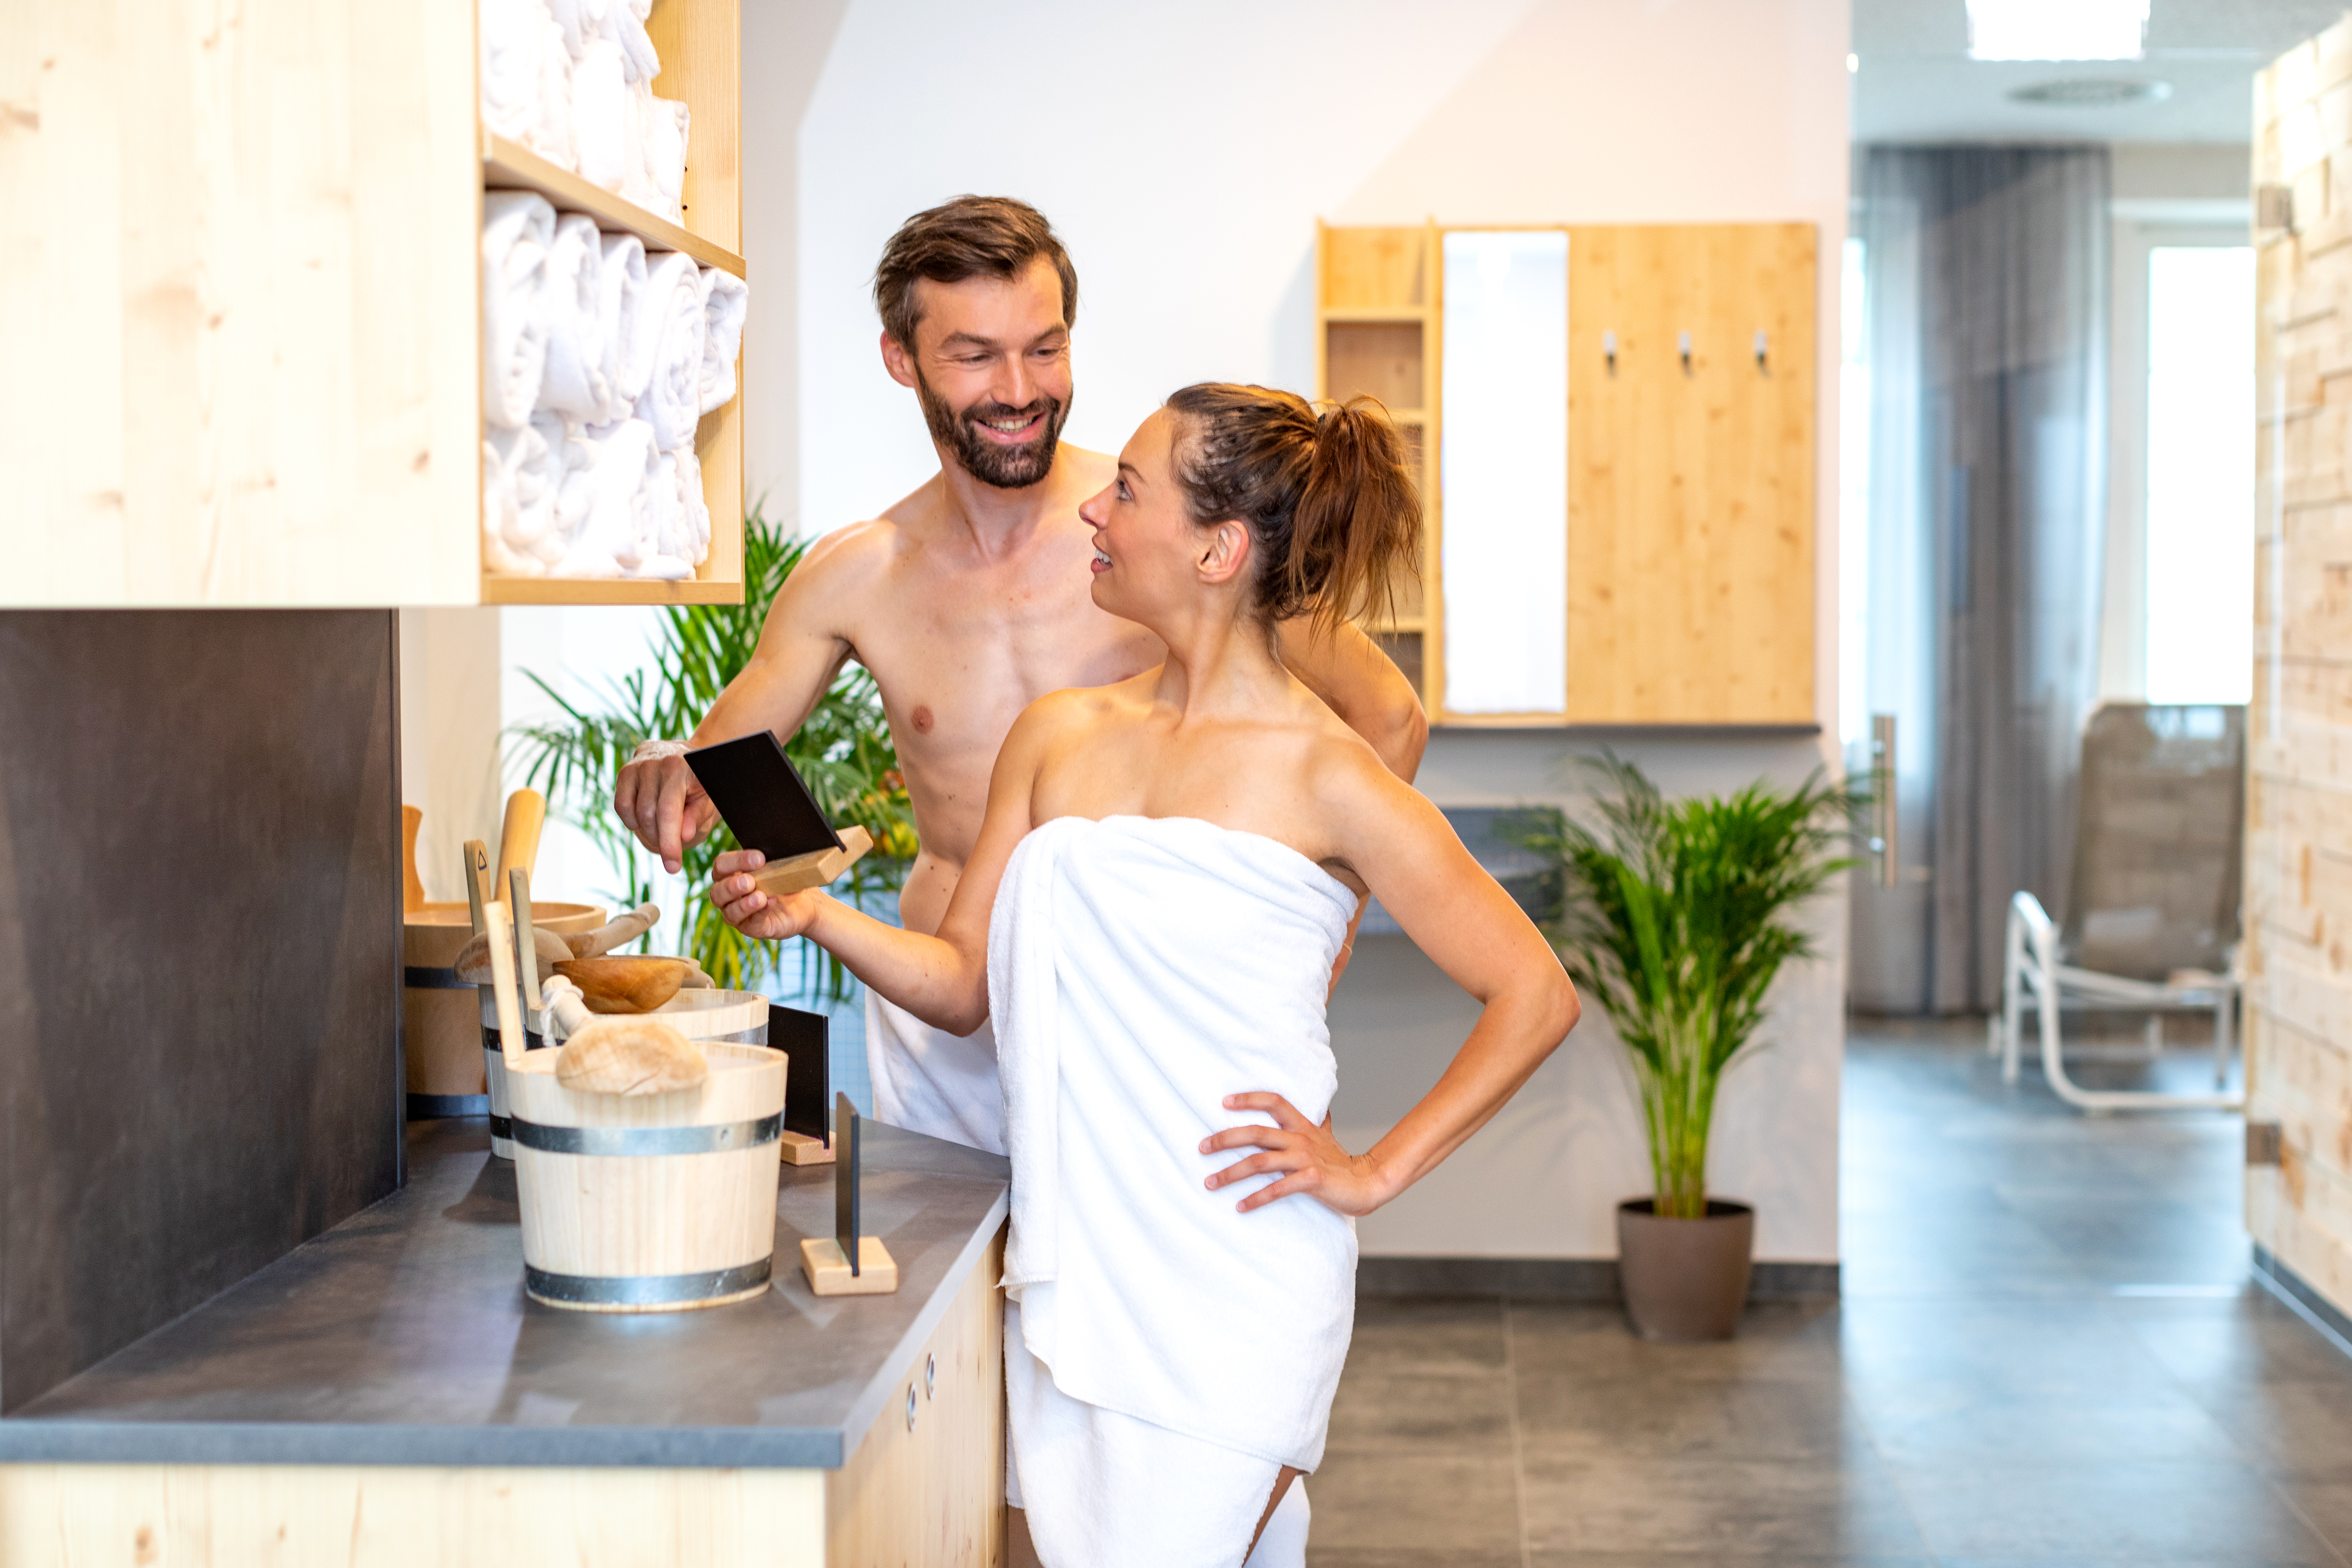 Sie sehen ein Paar, das sich im Wellnessbereich des JUFA Alpenhotel Saalbach**** entspannt. JUFA Hotels bietet erholsamen Familienurlaub und einen unvergesslichen Winter- und Wanderurlaub.